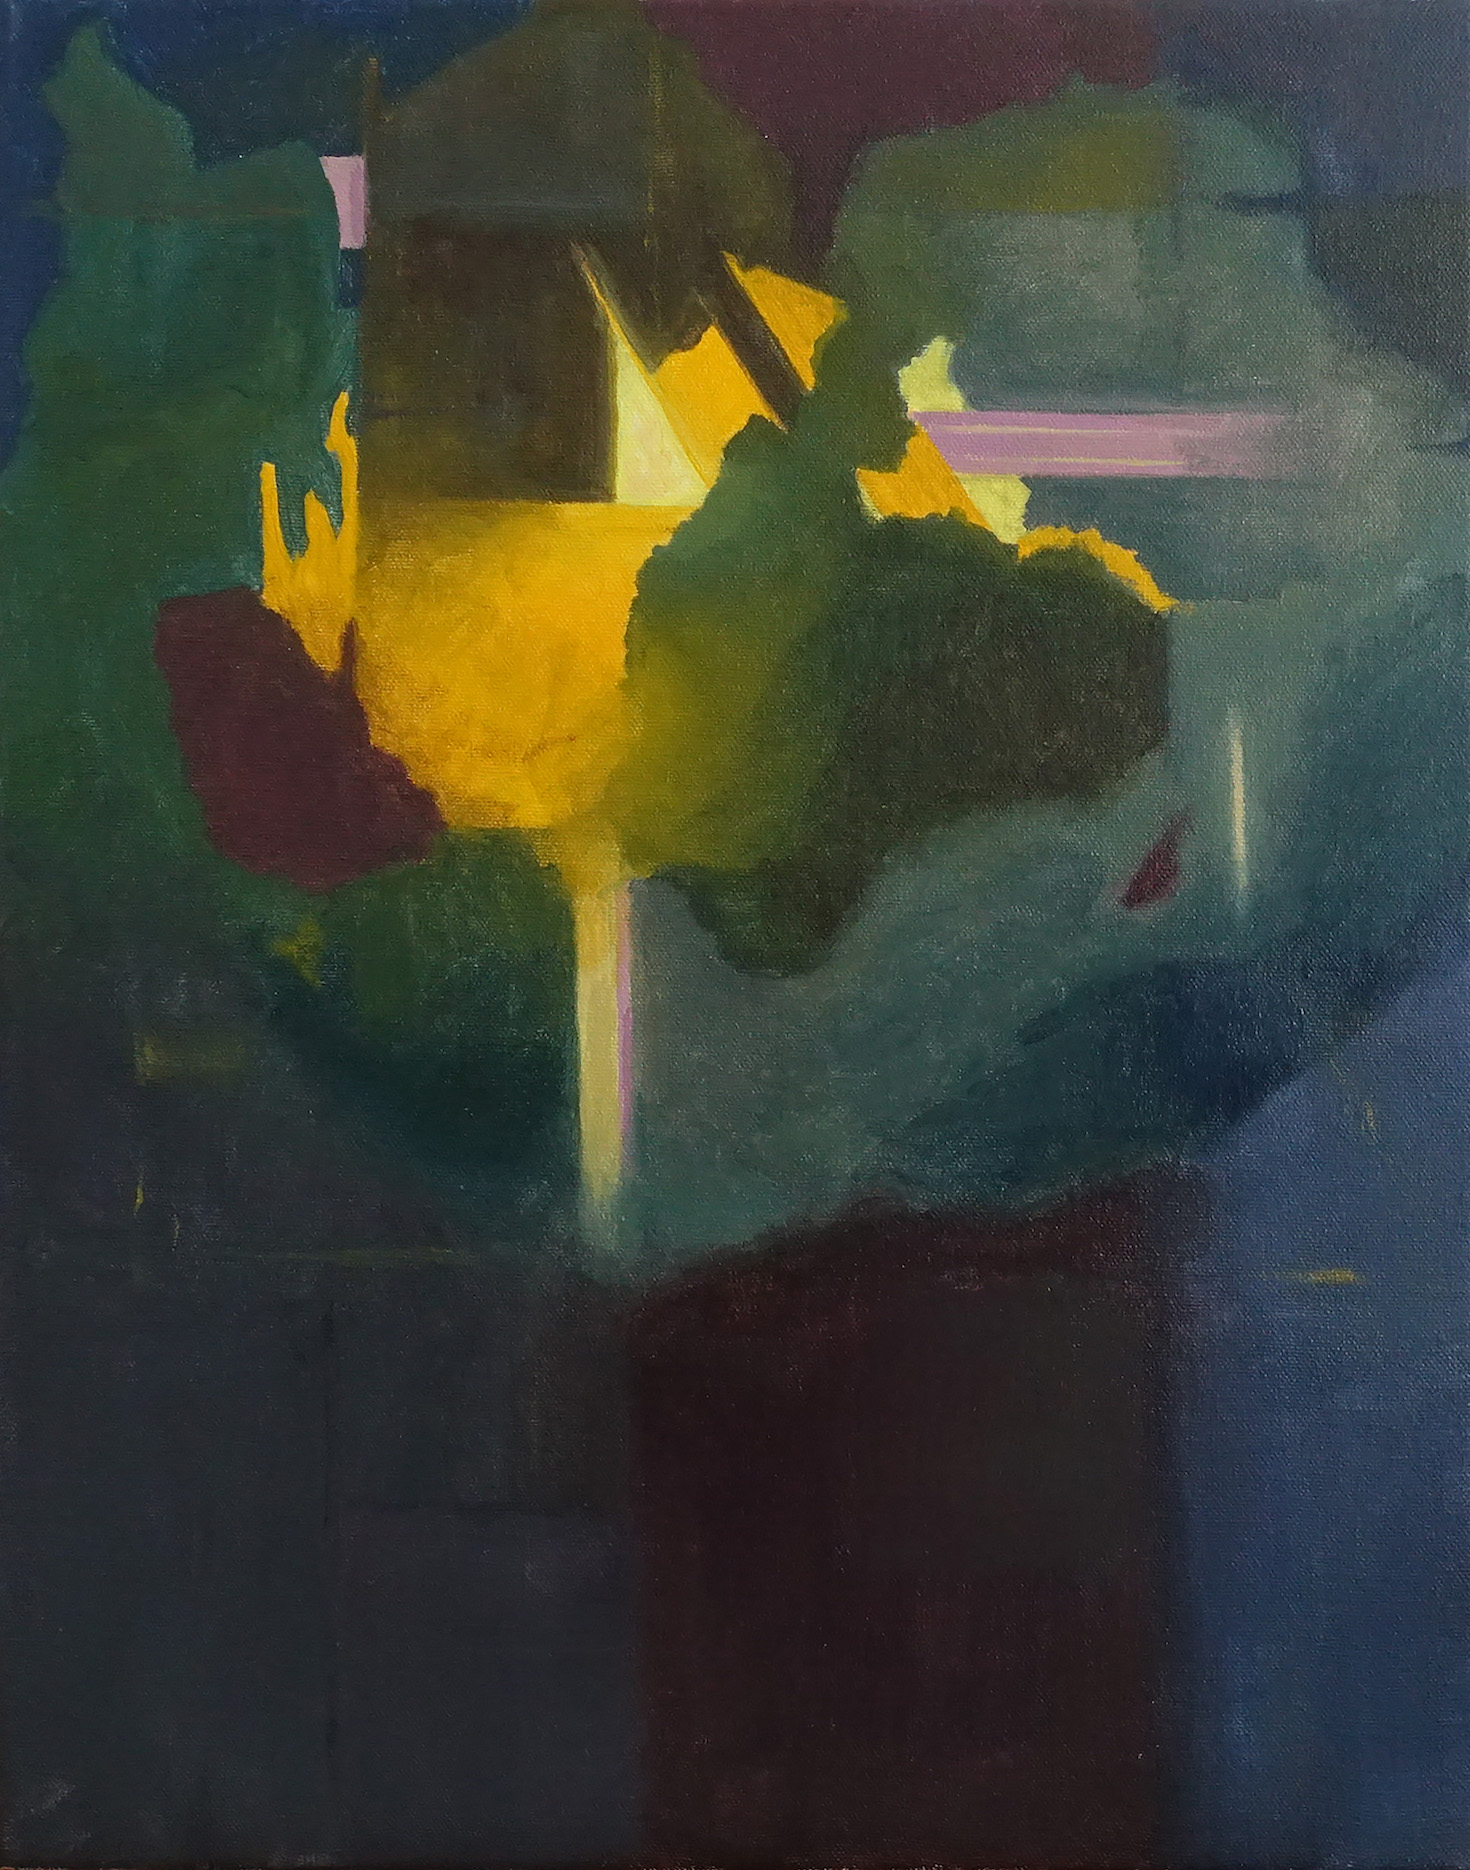 Untitled (Primrose), 2017